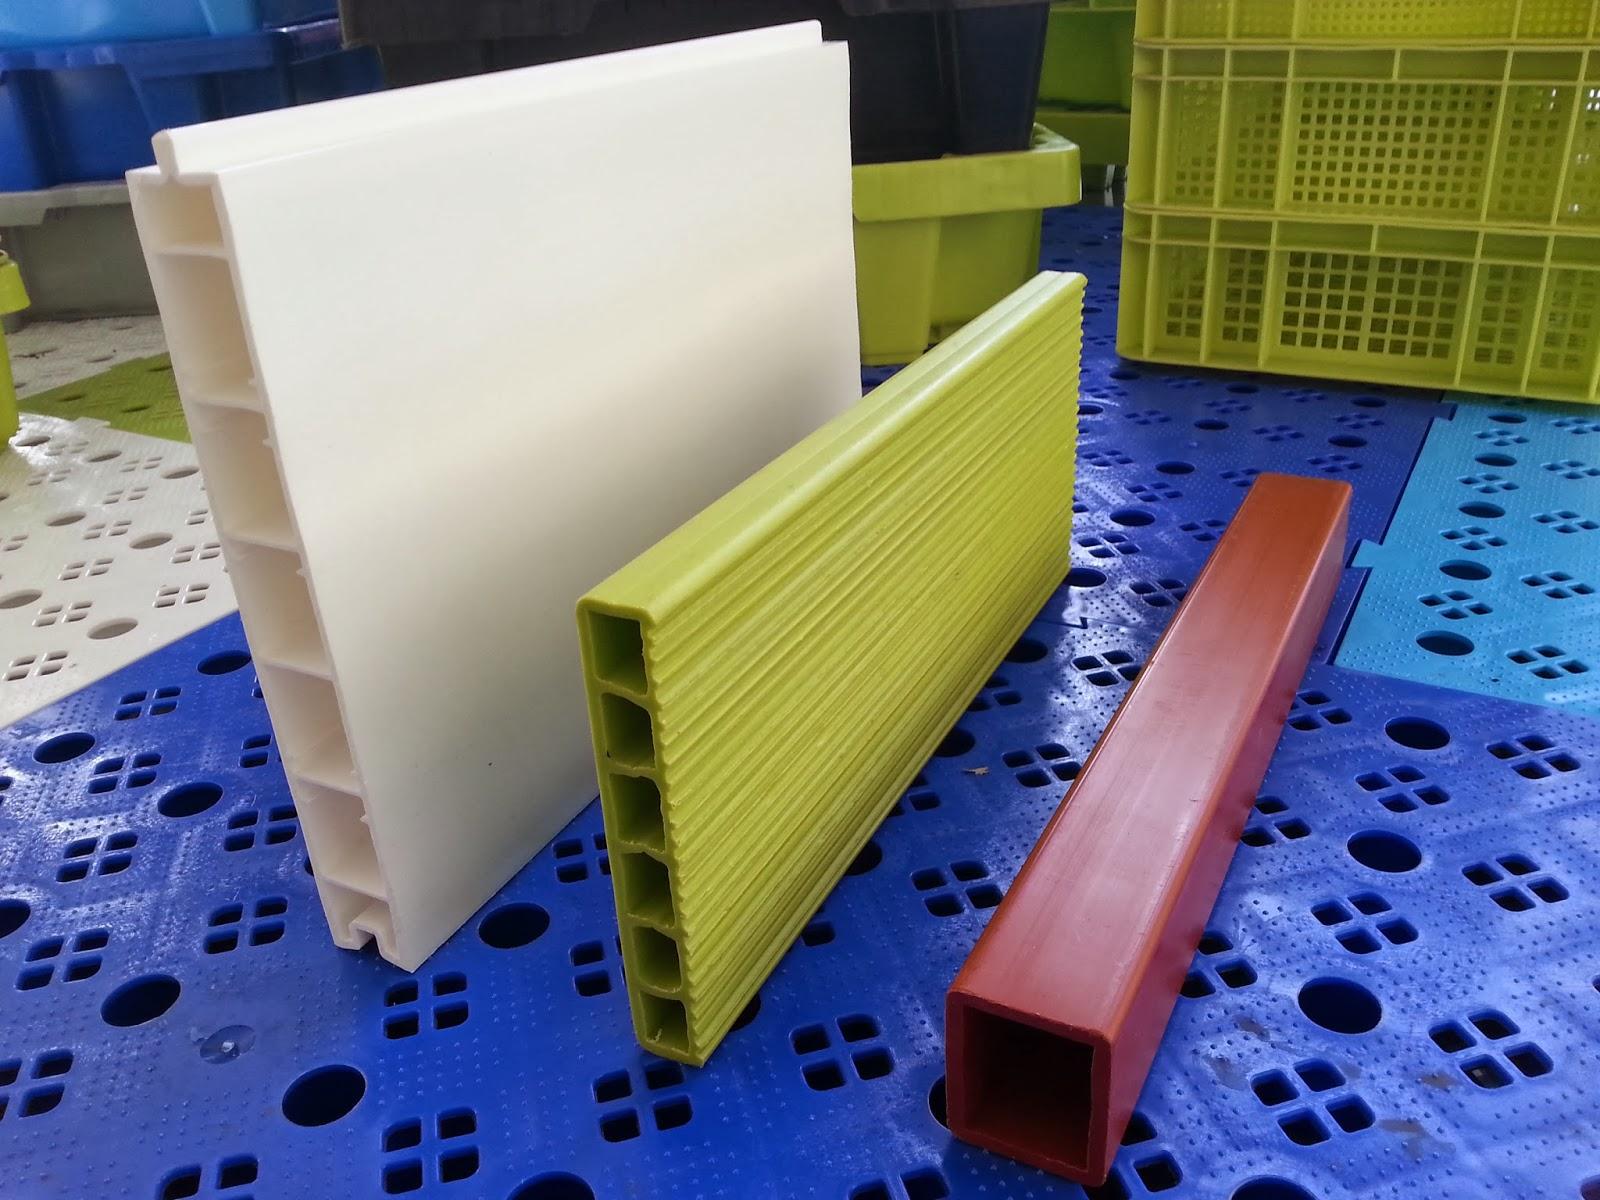 Gisevi soluciones integrales ideas y soluciones a medida - Perfiles de plastico ...